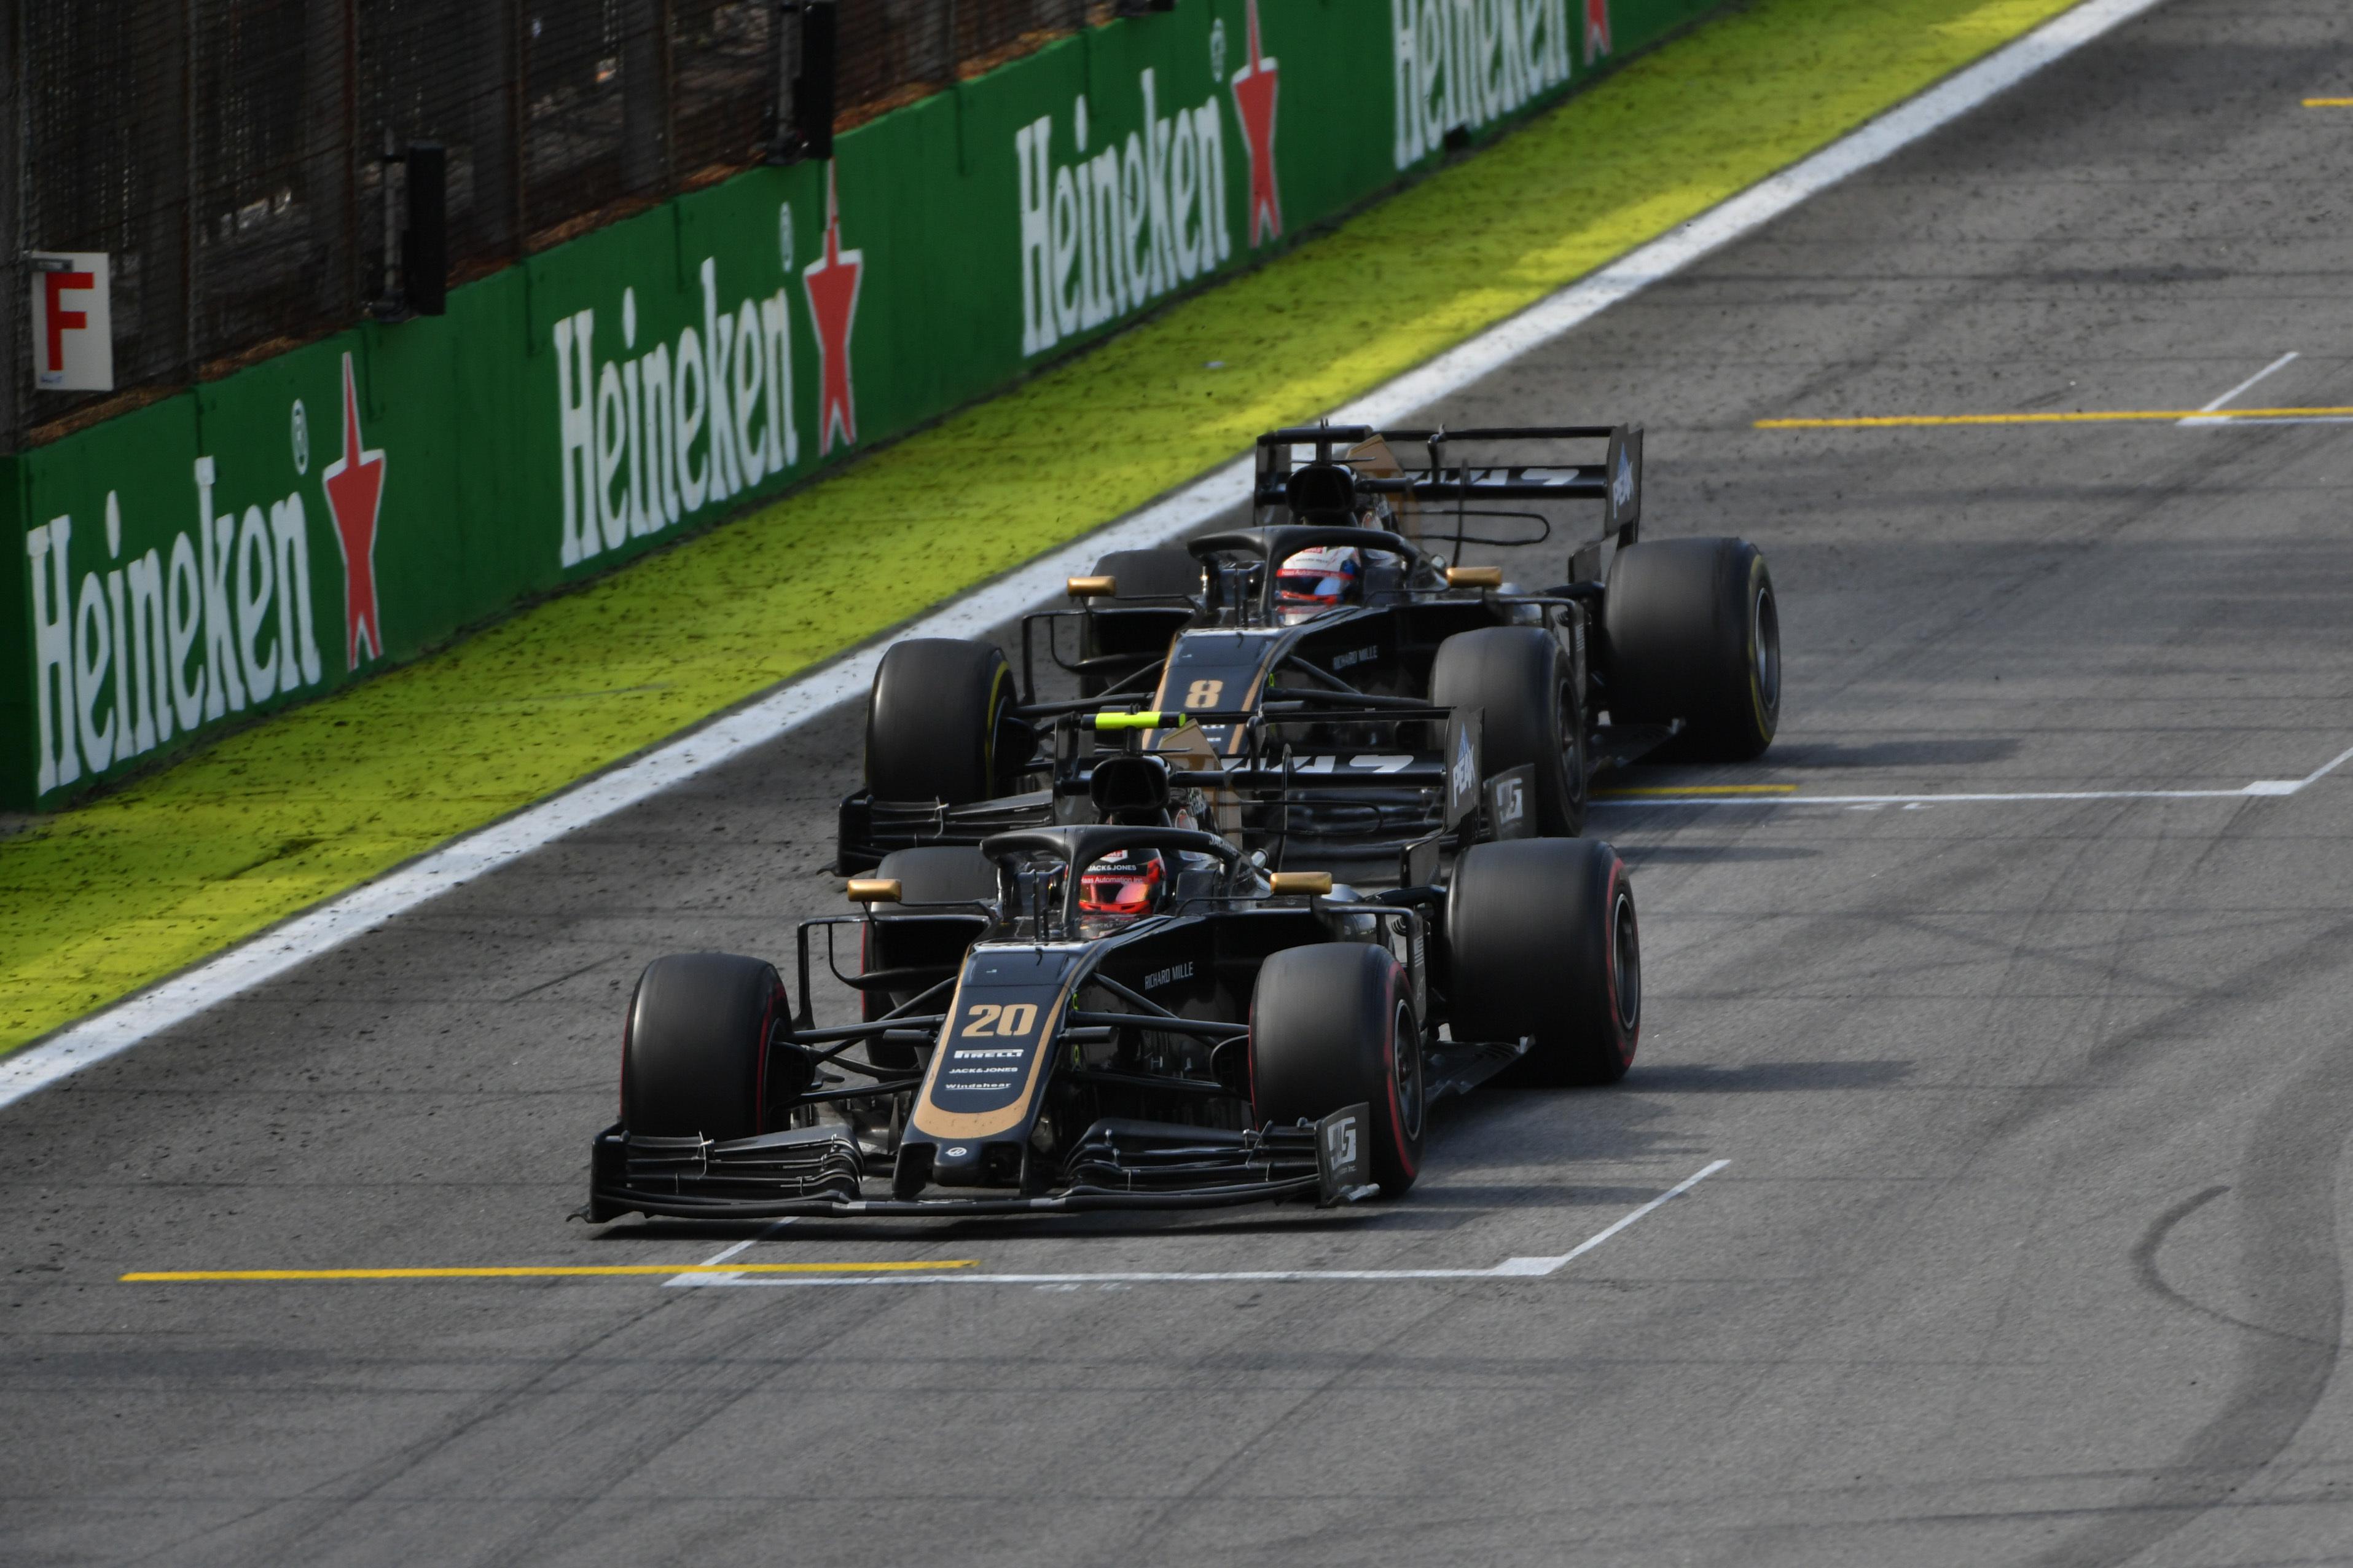 Botorság azt gondolni, hogy 2021-től a kisebb csapatok is nyerhetnek az F1-ben?